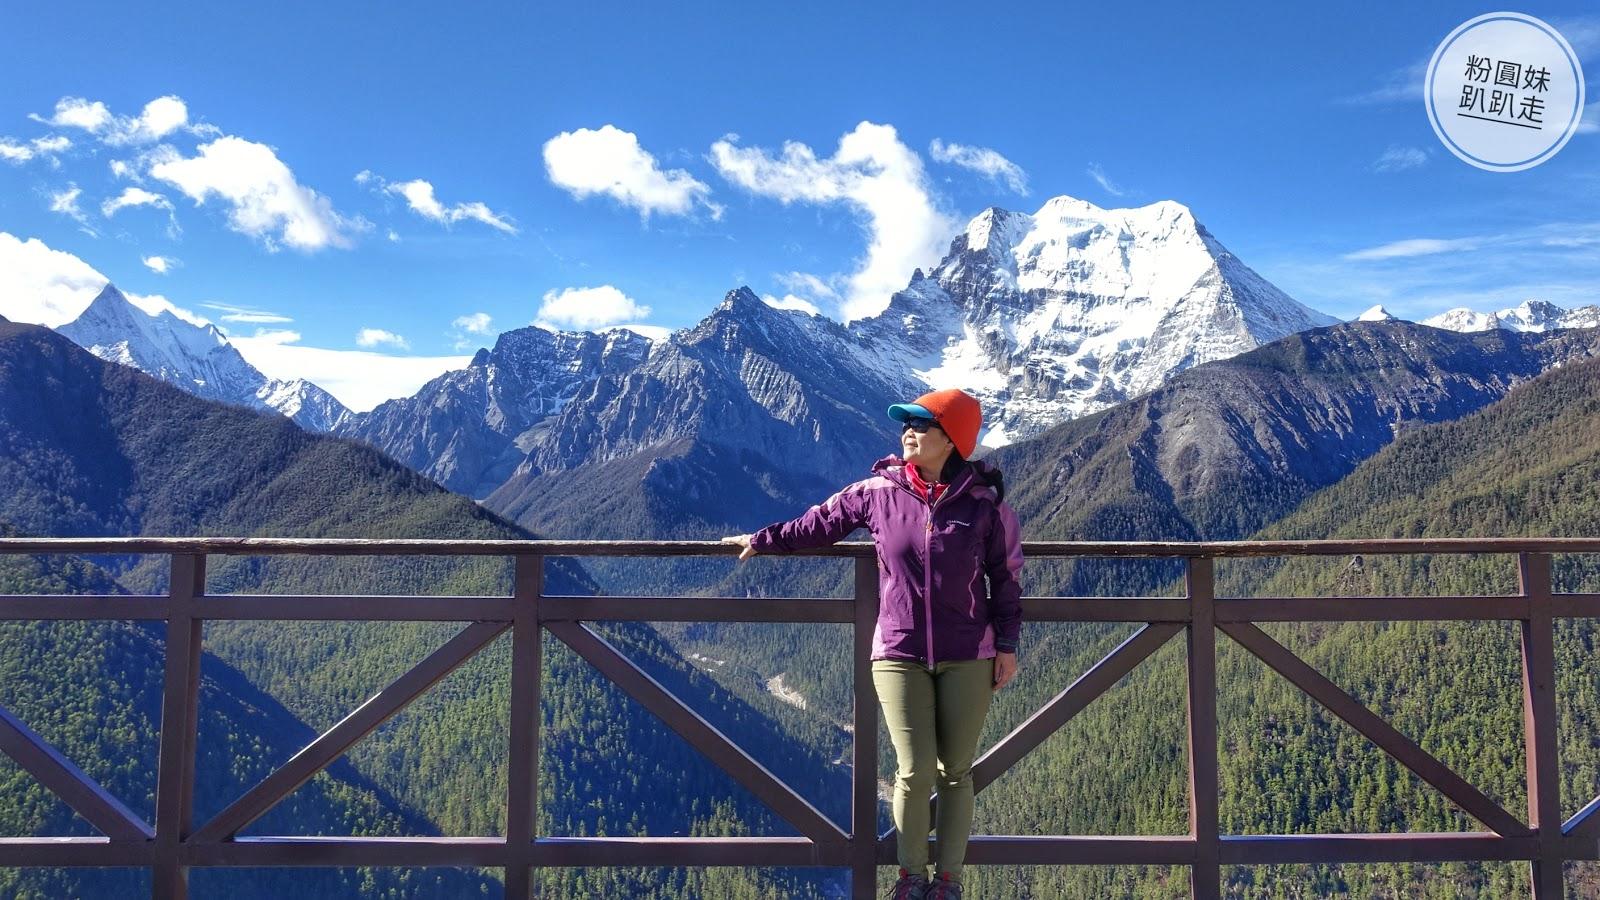 50歲後想每年出國,該怎麼存旅遊基金?她靠這樣投資理財,站在人生高峰享受美好第二人生